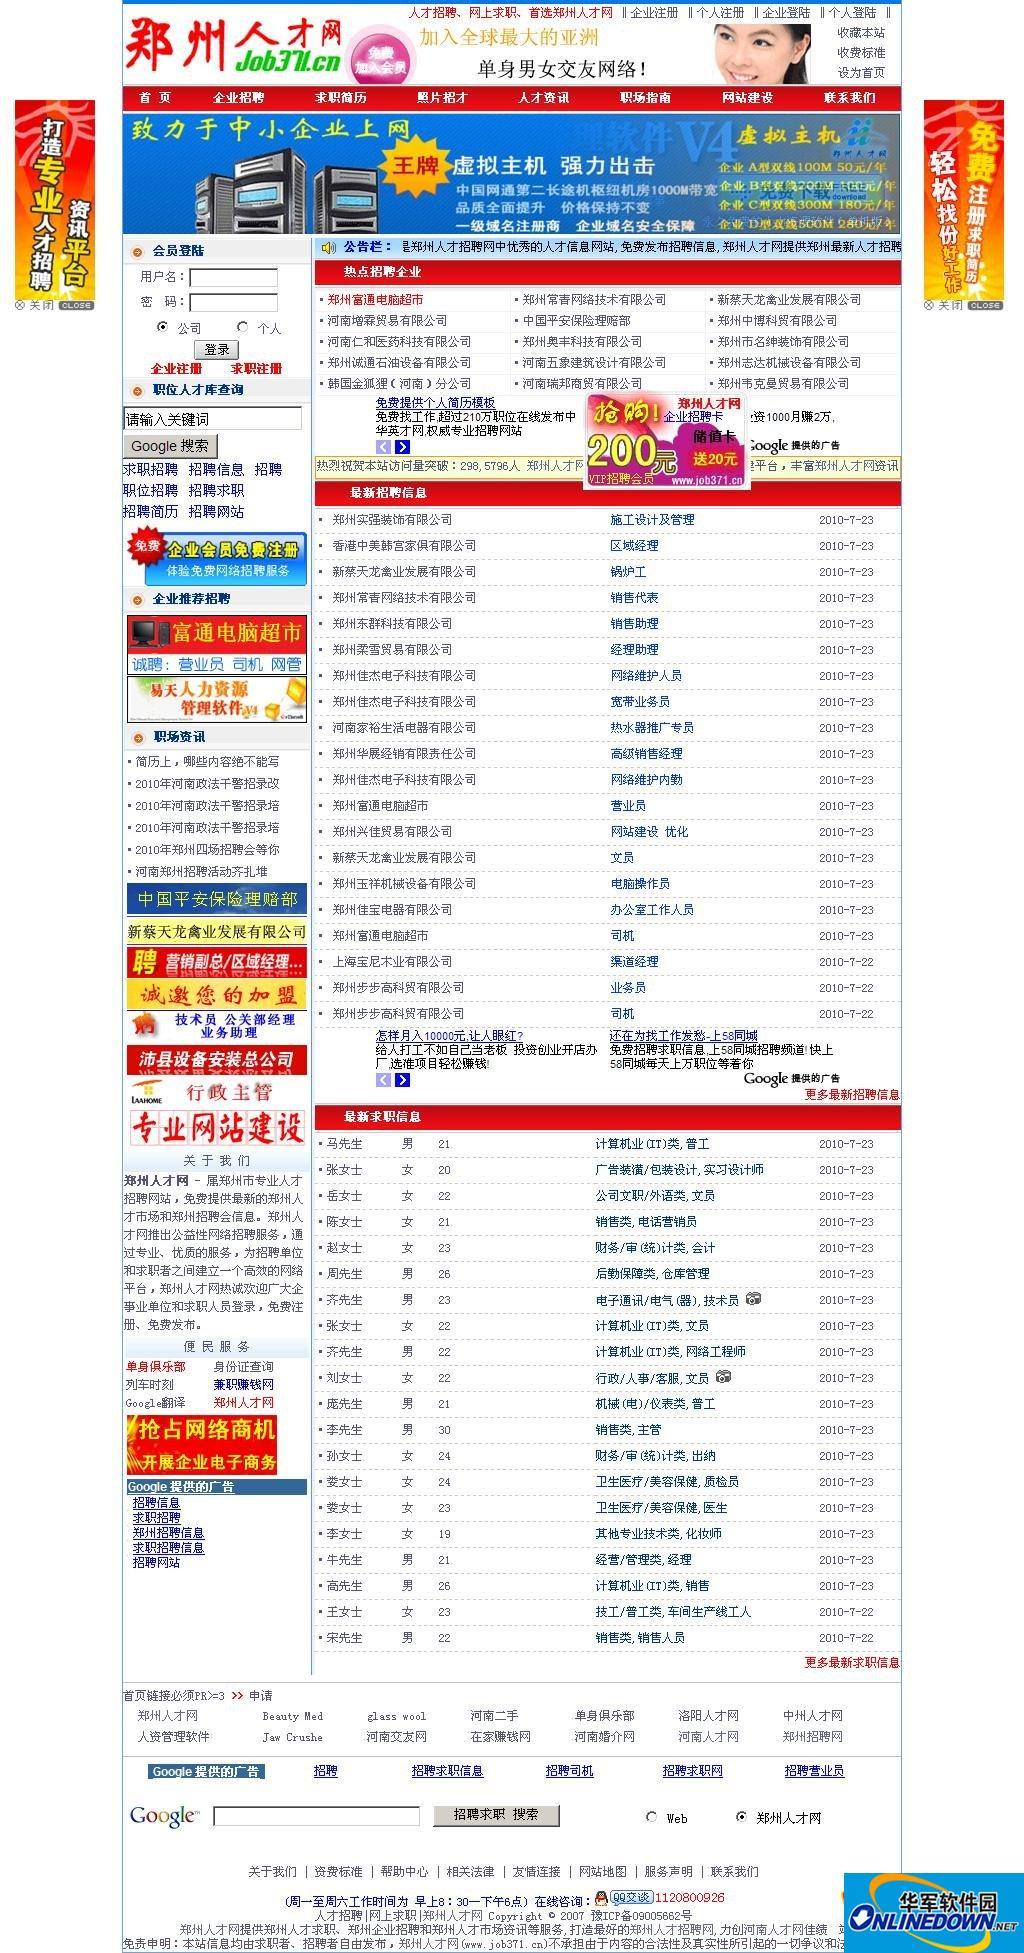 郑州371人才网源码